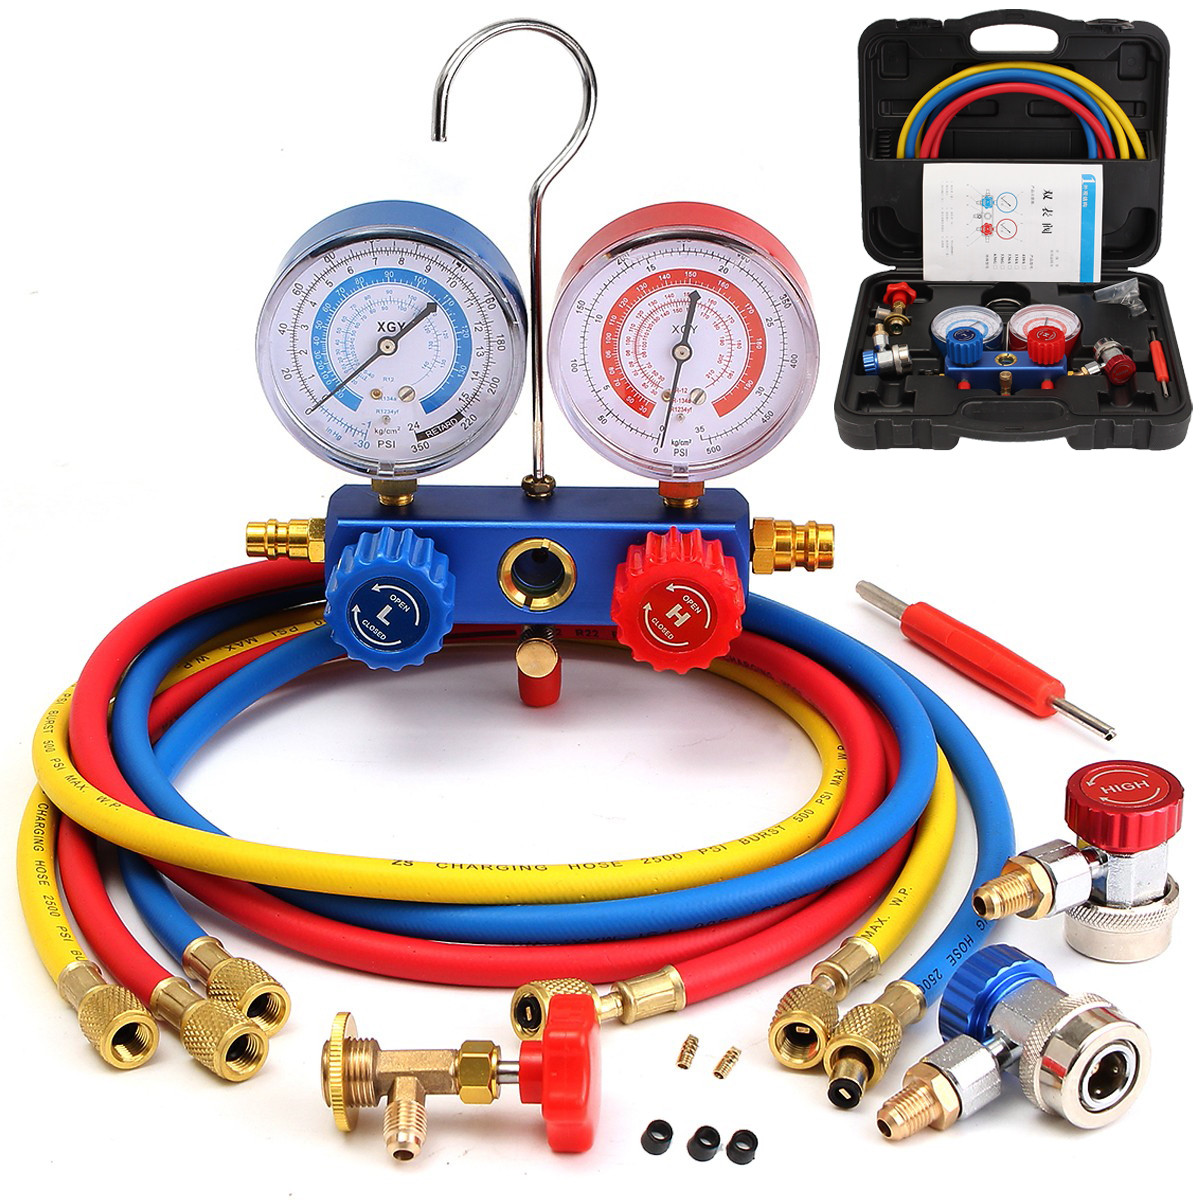 R134A HVAC/C охлаждение комплект манометр набор R22 R12 R134A авто хладагента H/L автомобиля кондиционер ремонт инструмент датчик